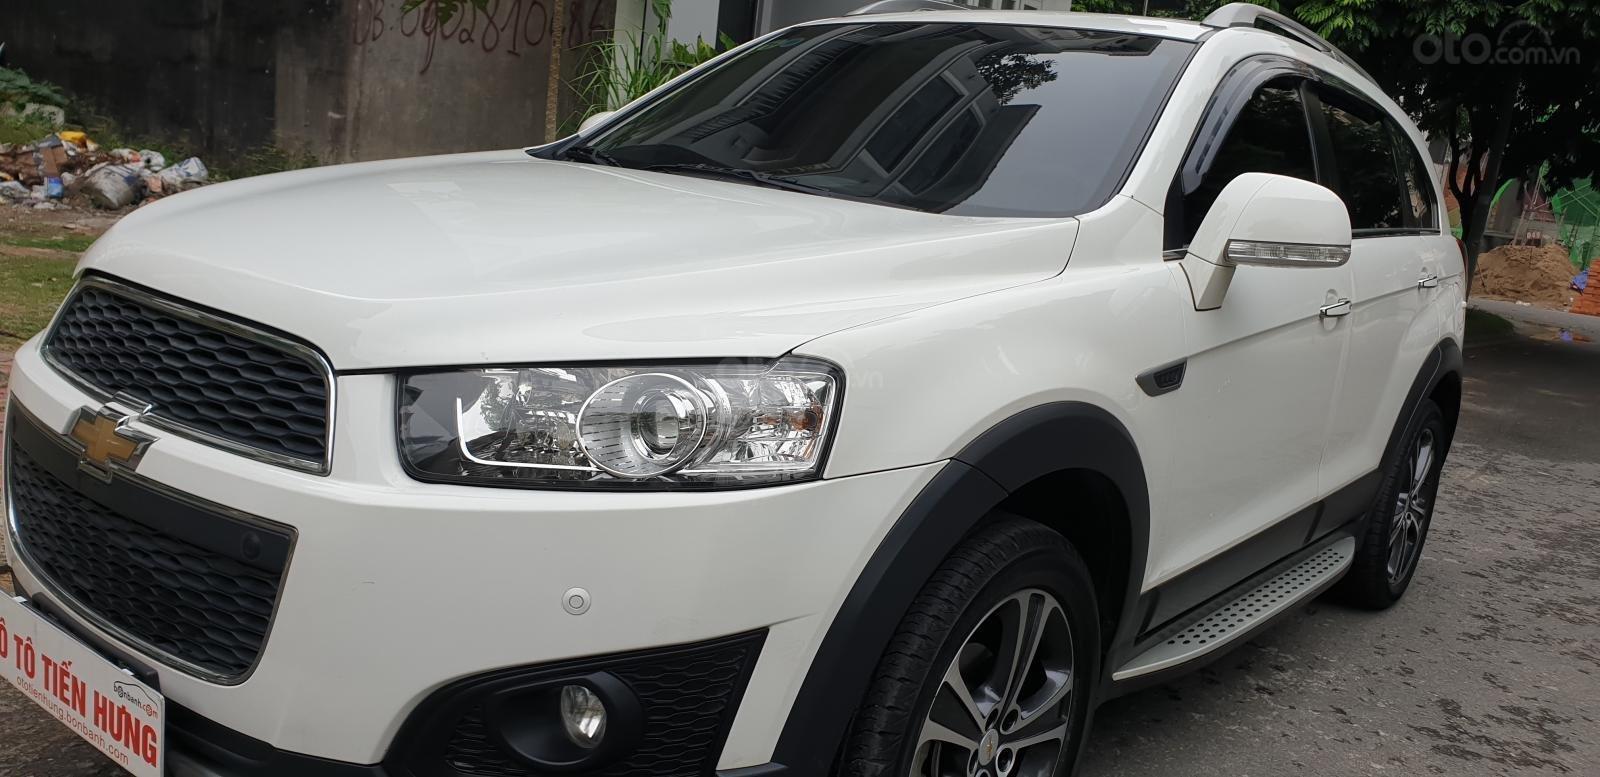 Bán Chevrolet Captiva LTZ máy Ecotec số tự động model 2016, SX T12/ 2015, màu trắng, đẹp mới 90% (1)